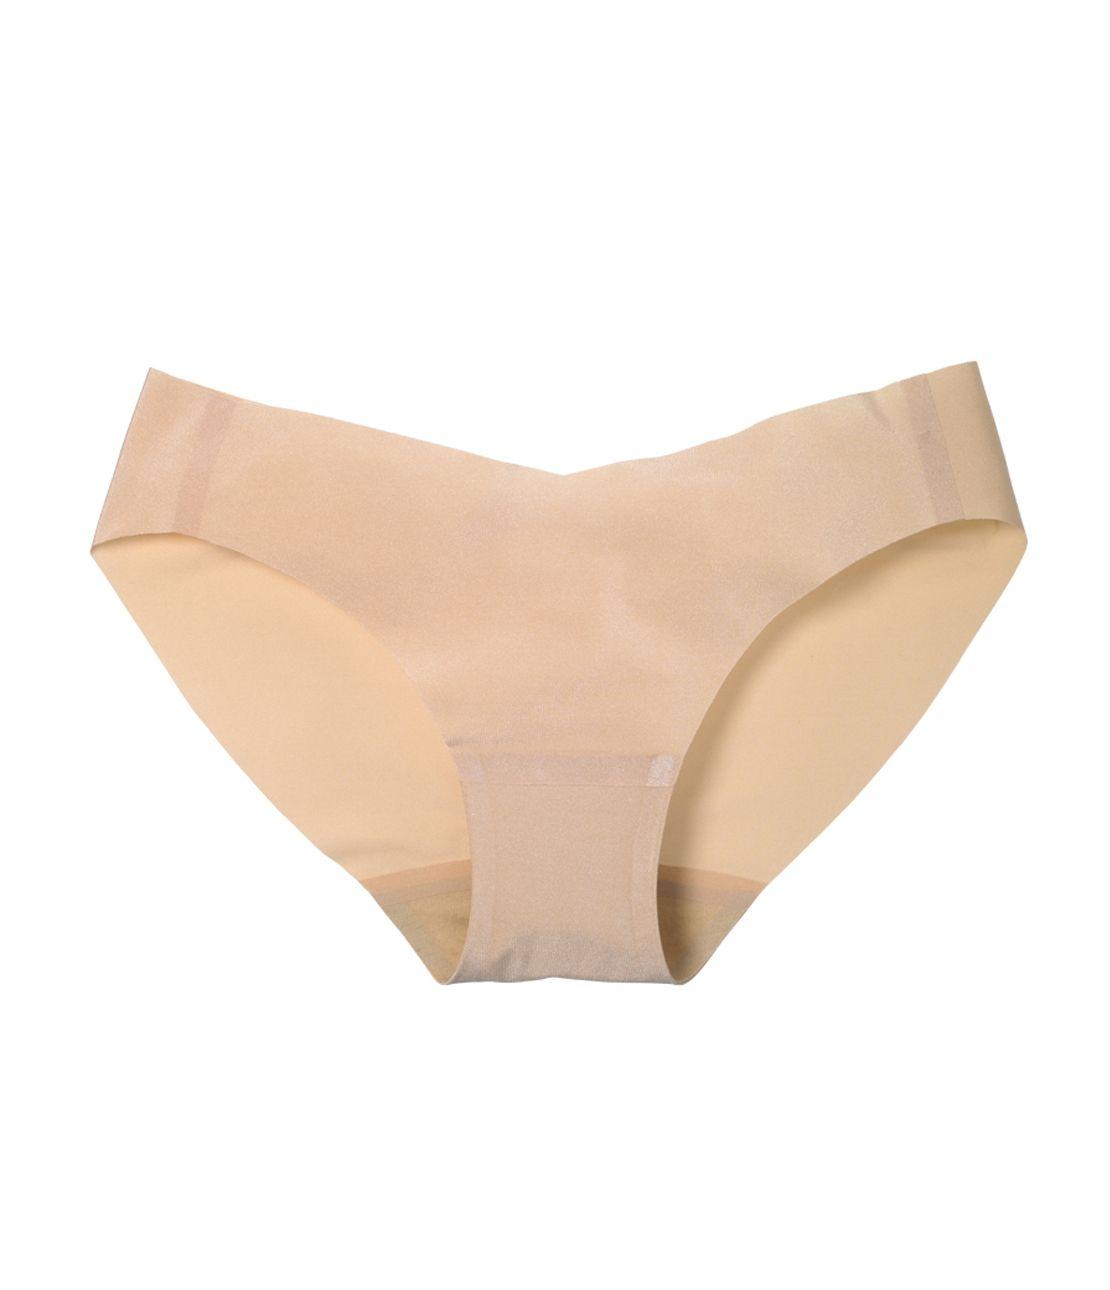 PJ model's Bikini Panty